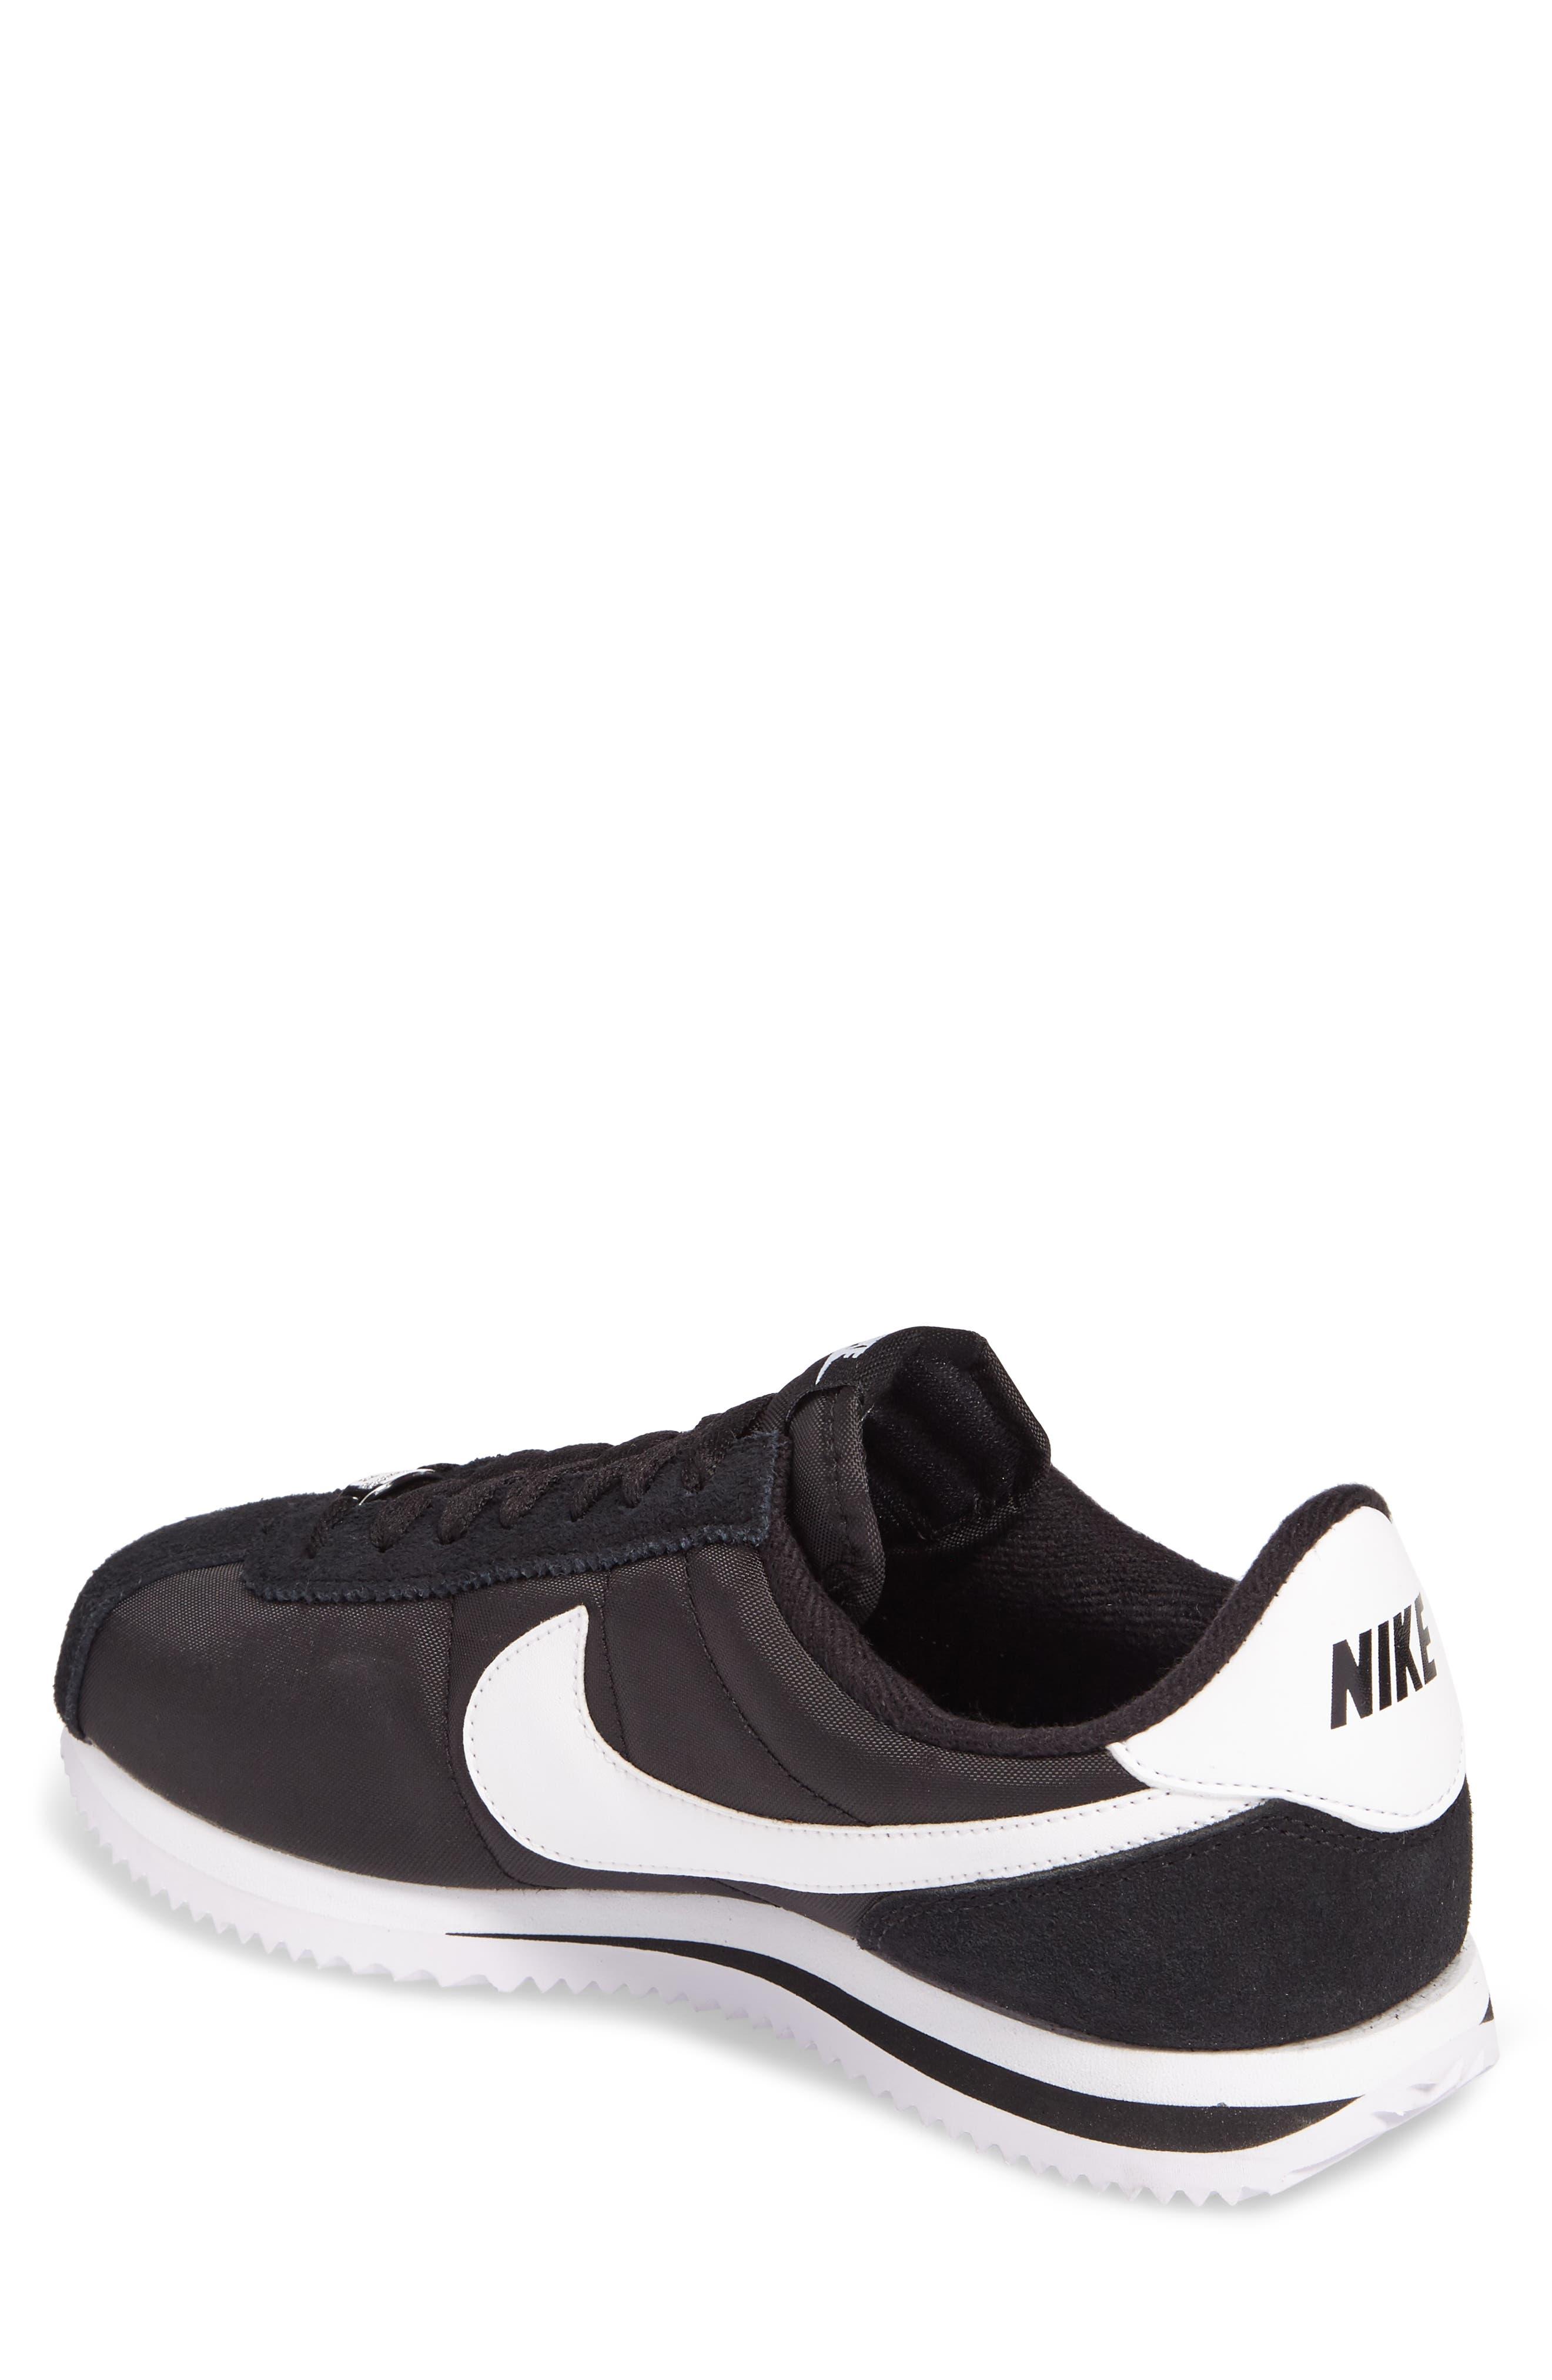 Alternate Image 2  - Nike Cortez Basic Nylon Sneaker (Men)